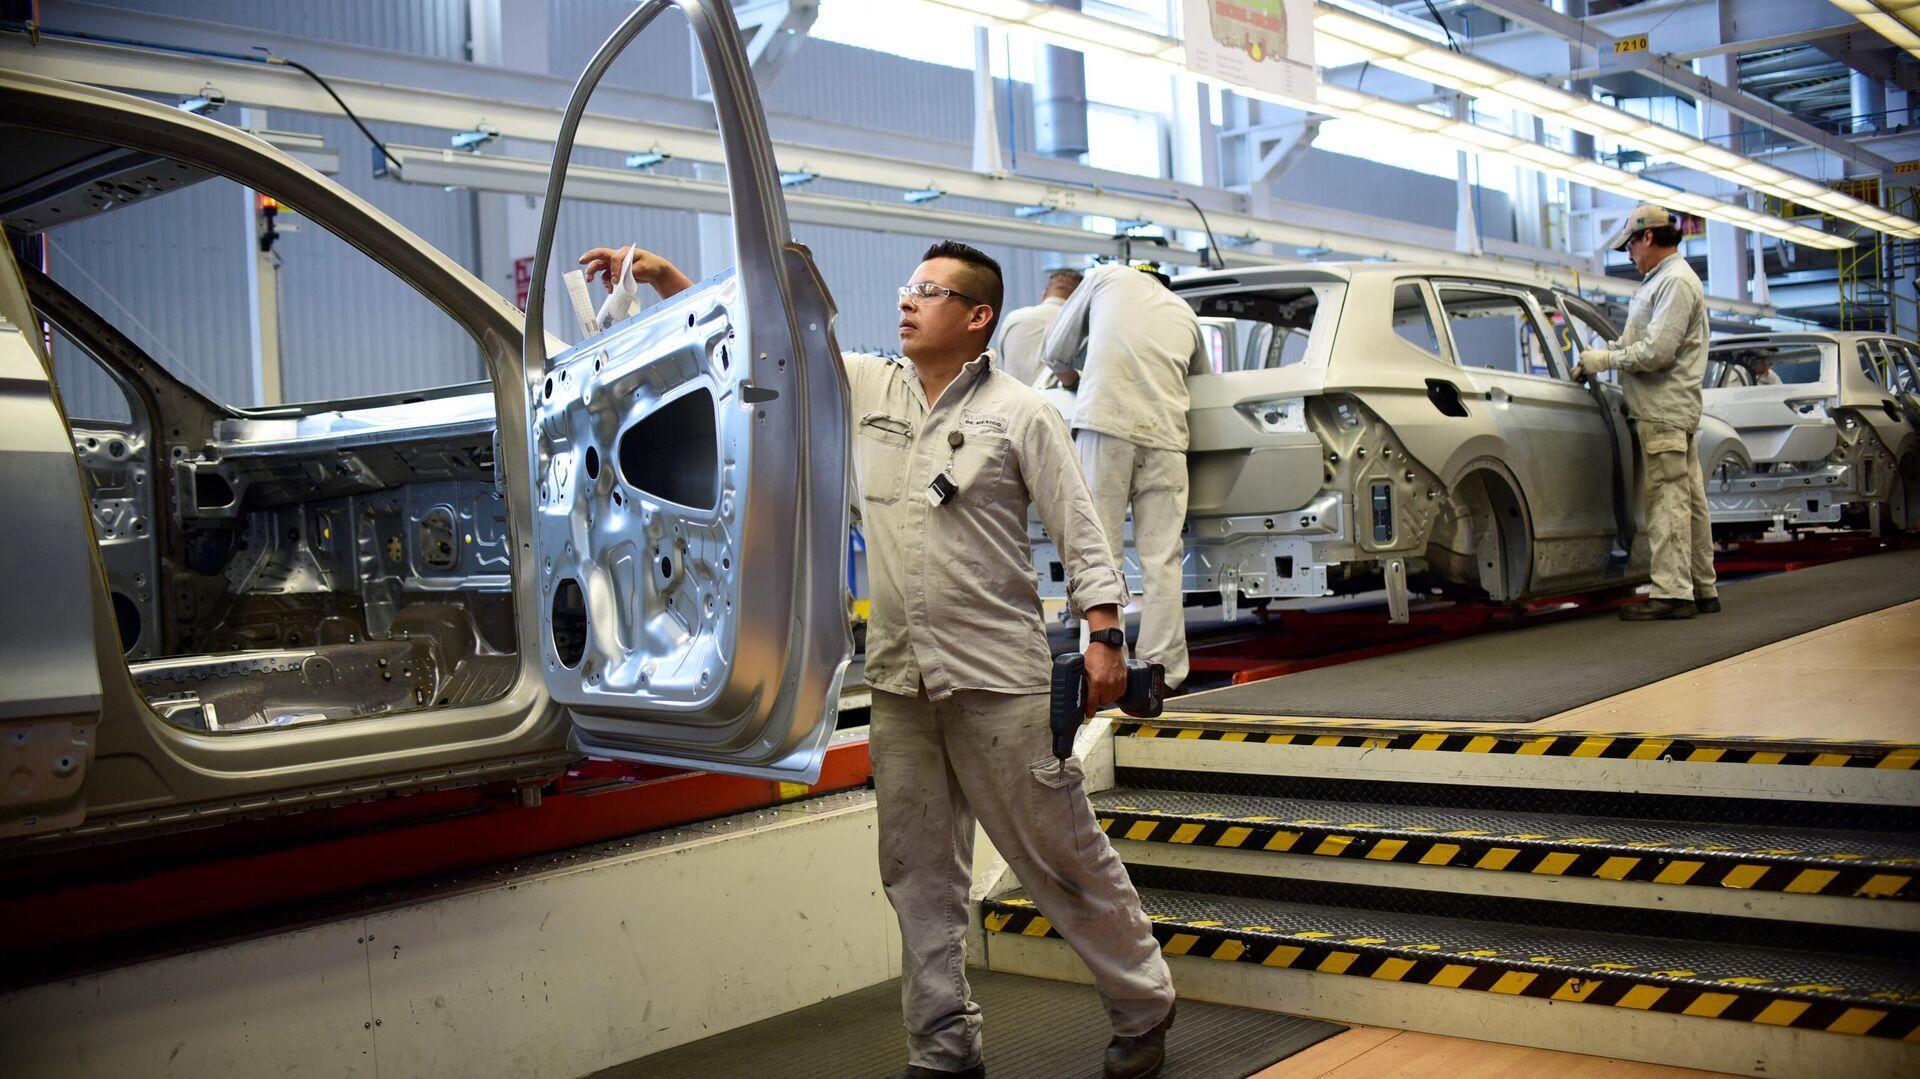 Trabajador de la planta de Volkswagen en Puebla, México - Sputnik Mundo, 1920, 19.02.2021